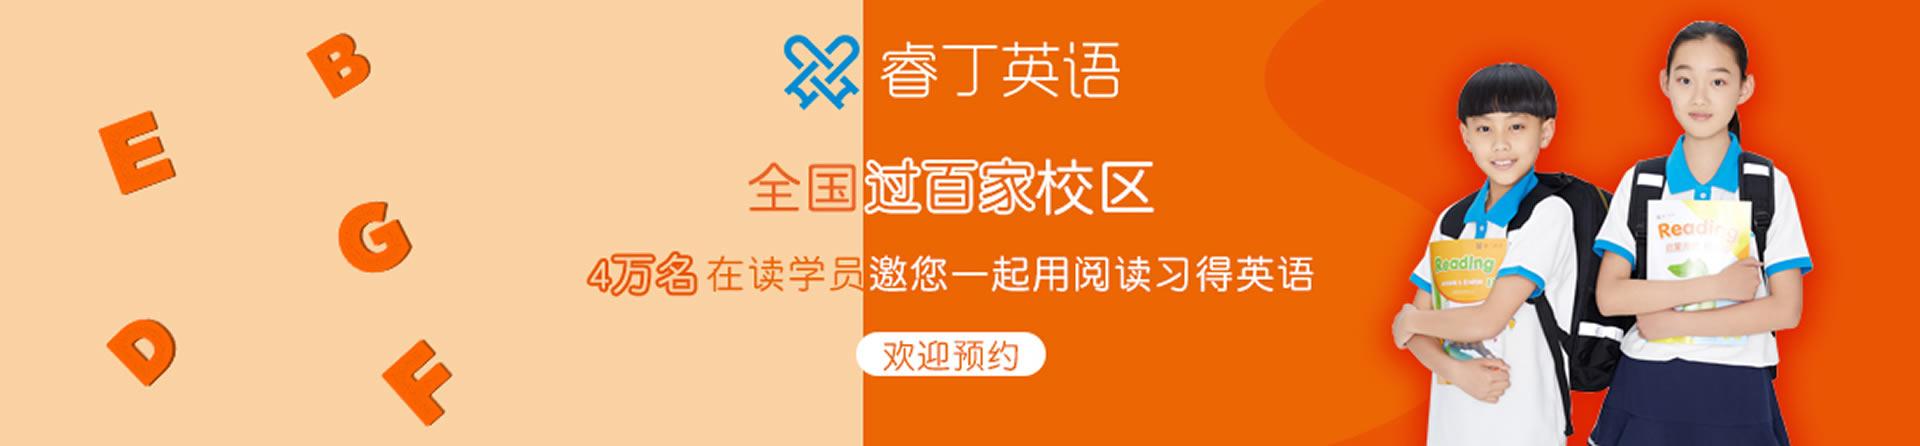 睿丁英语郑州中心